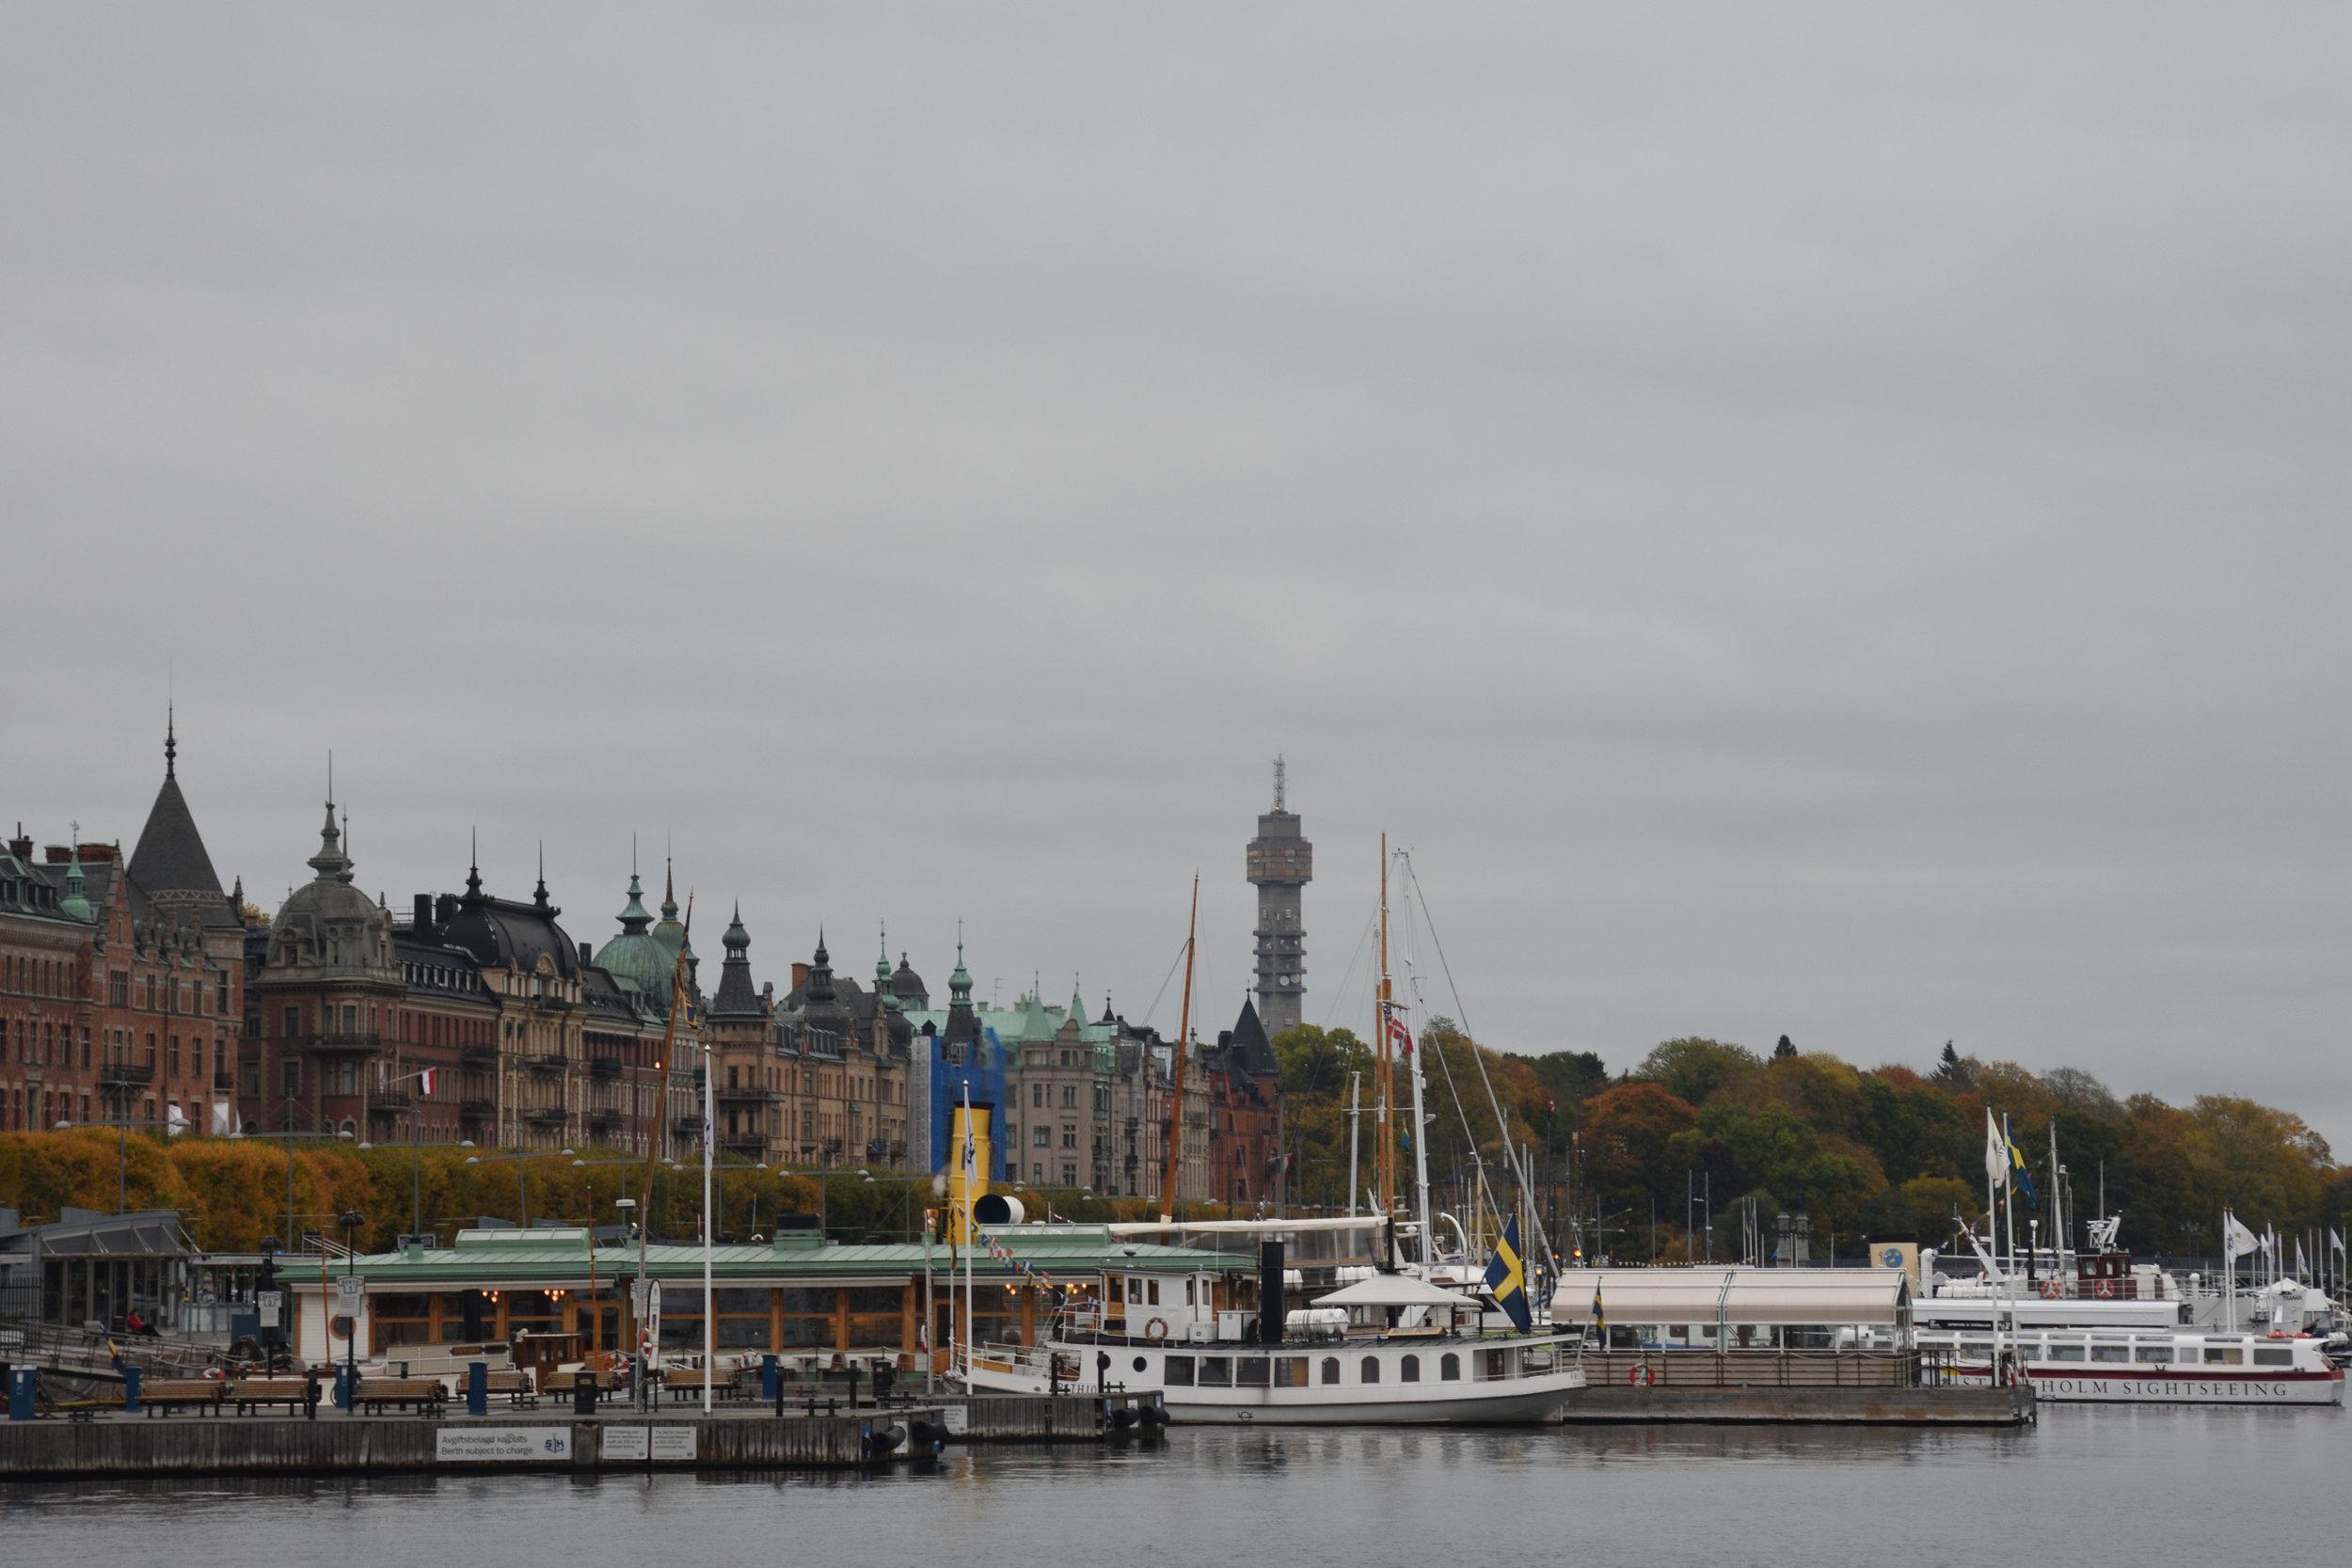 Stockholm, Sweden, September 2017